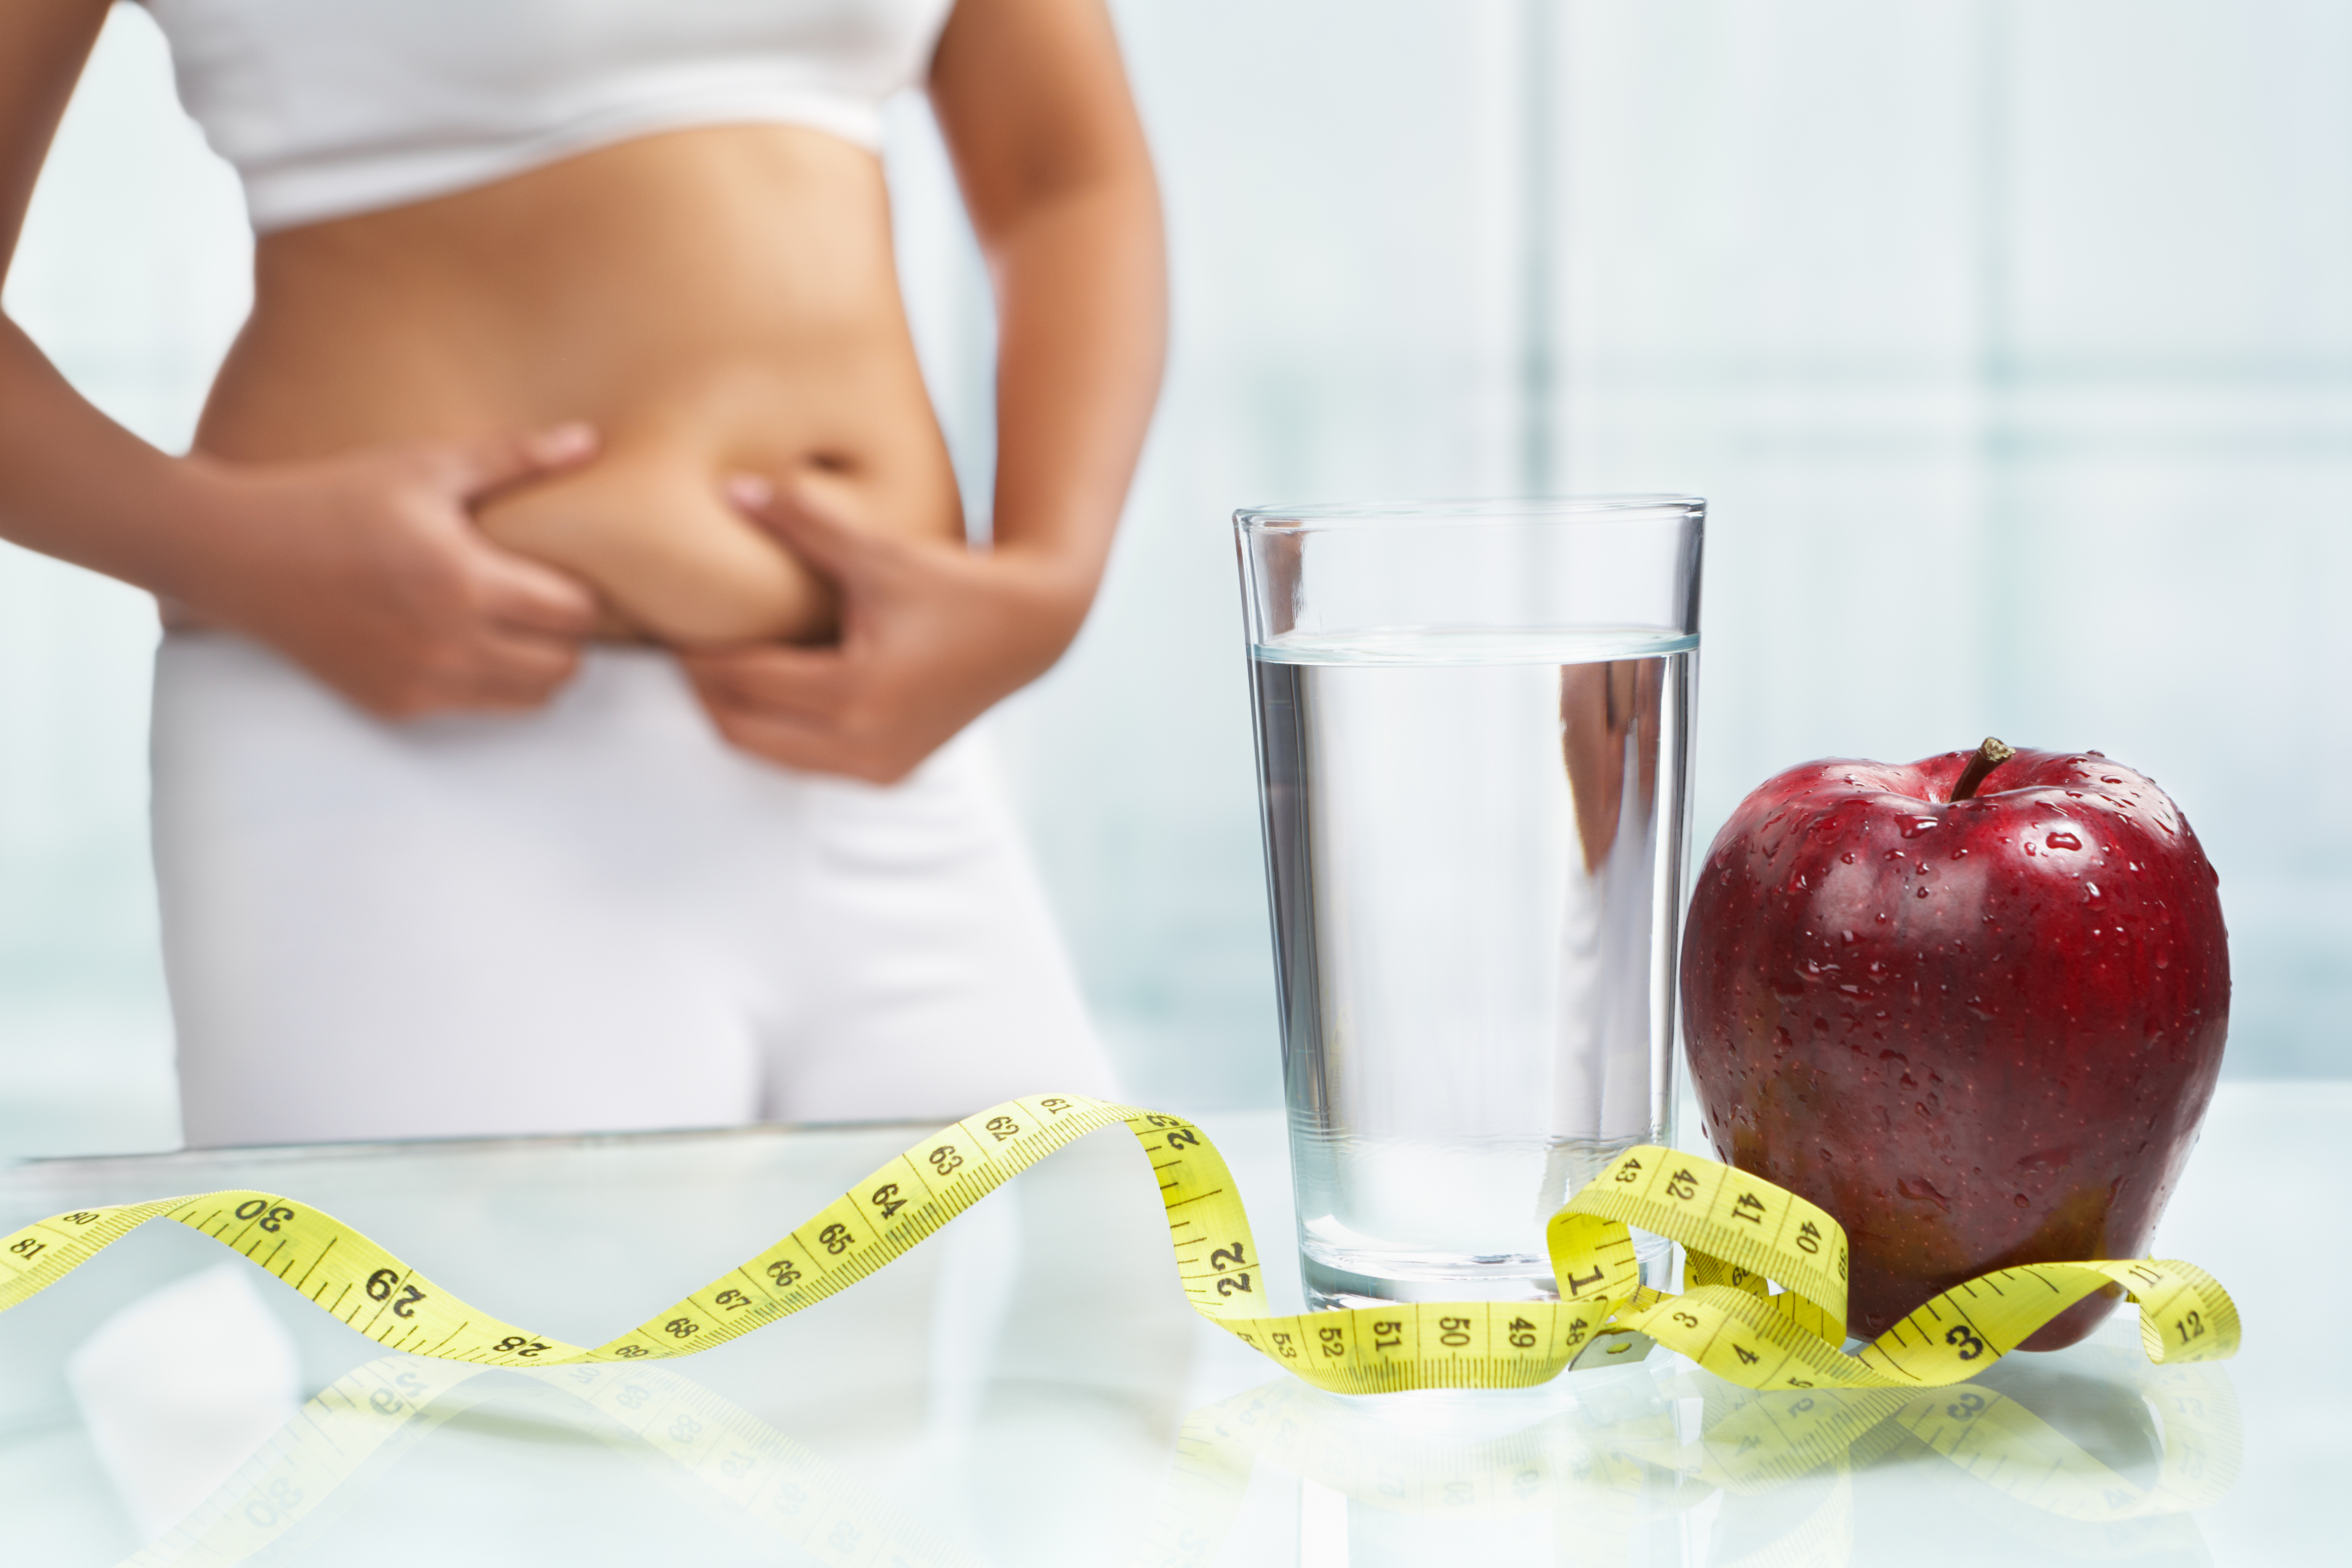 Как быстро похудеть в домашних условиях - топ - 7 способов